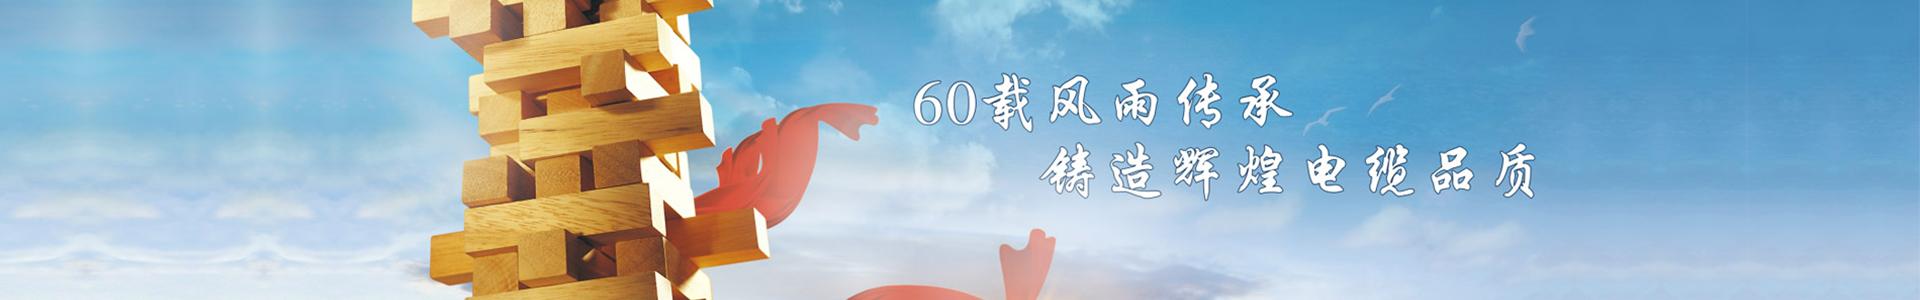 广州双菱电线厂